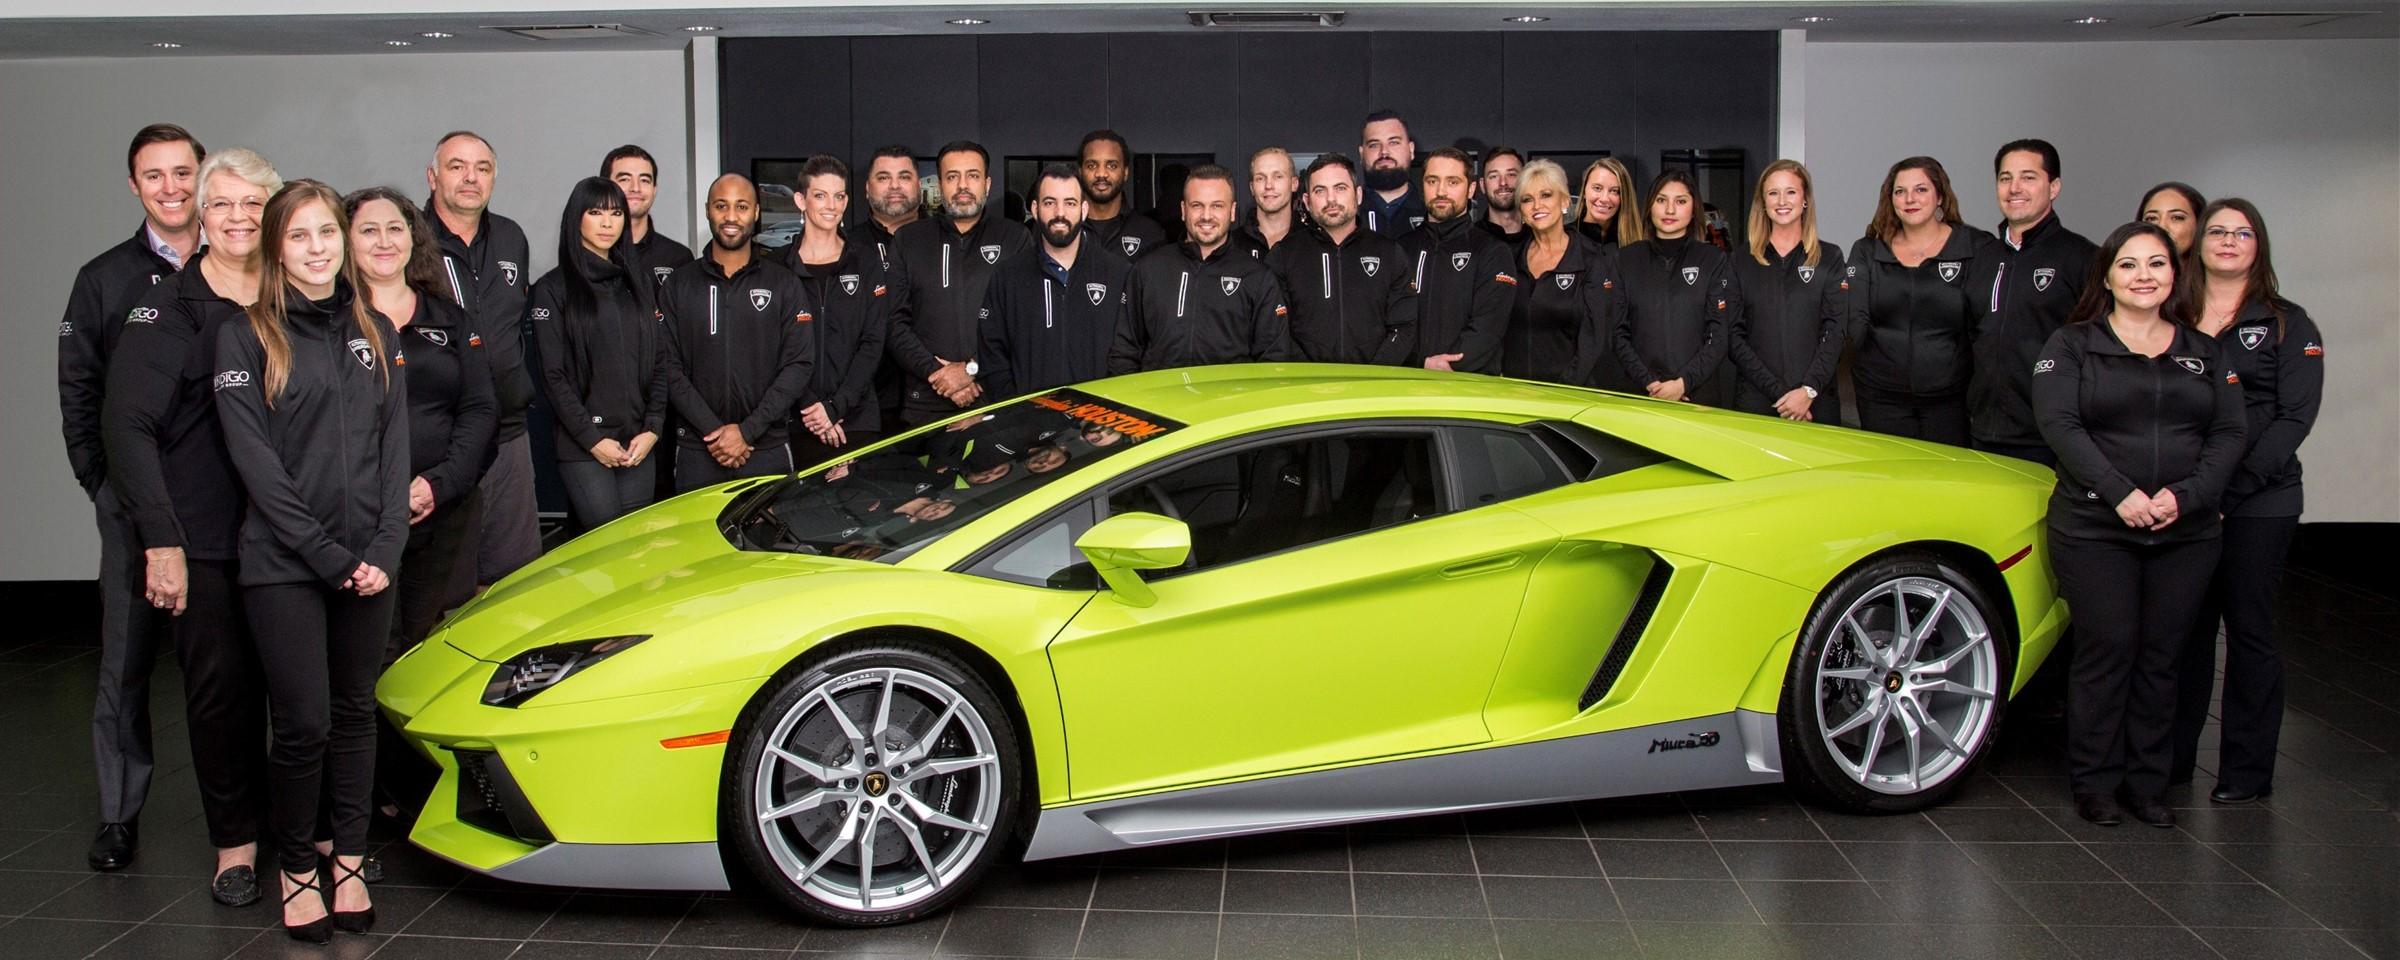 Bravo To Lamborghini Houston For A 1 Ranking Indigo Auto Group Blog